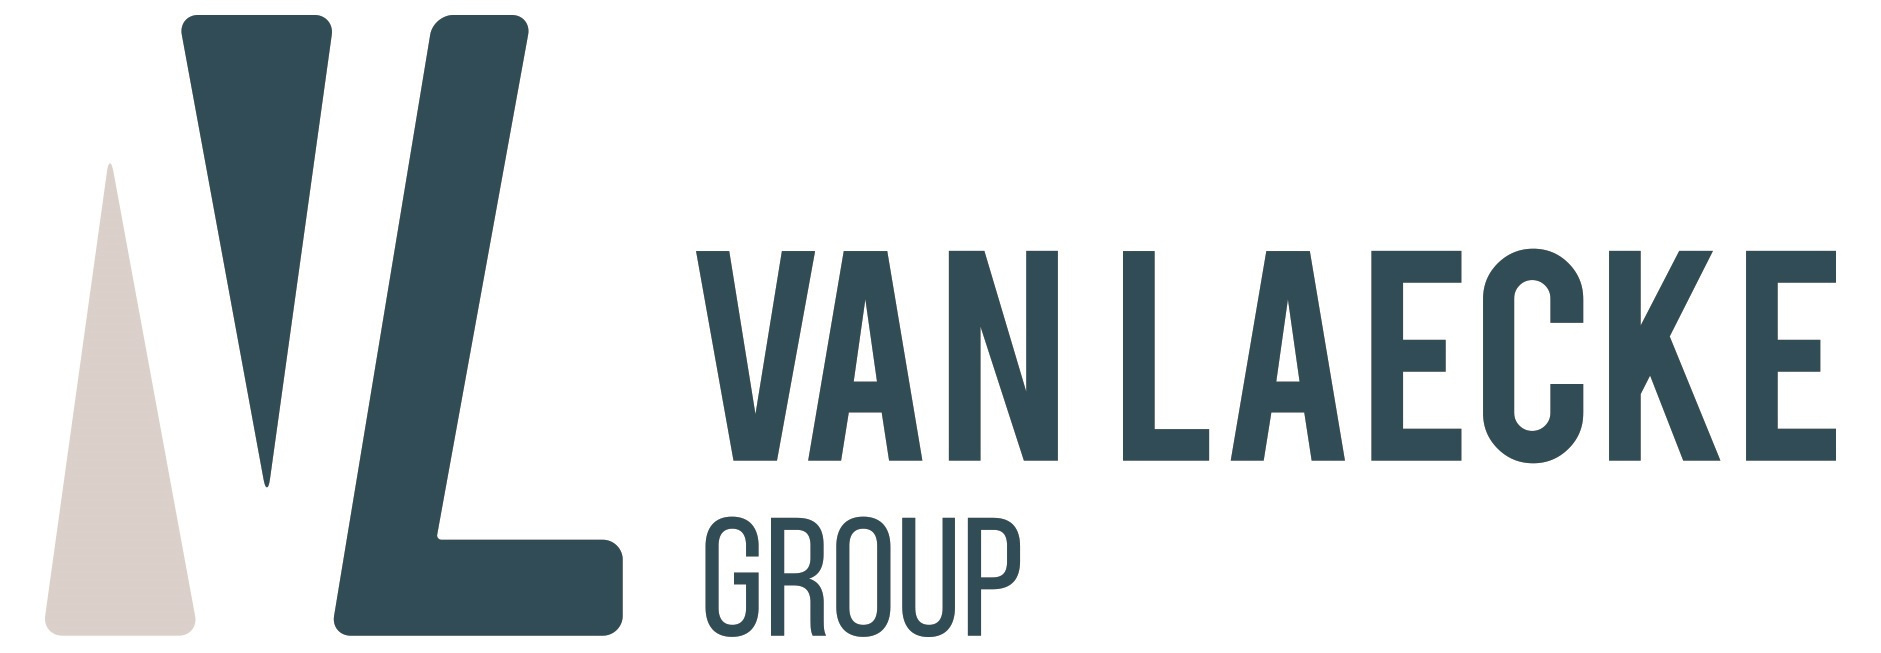 Van Laecke Group